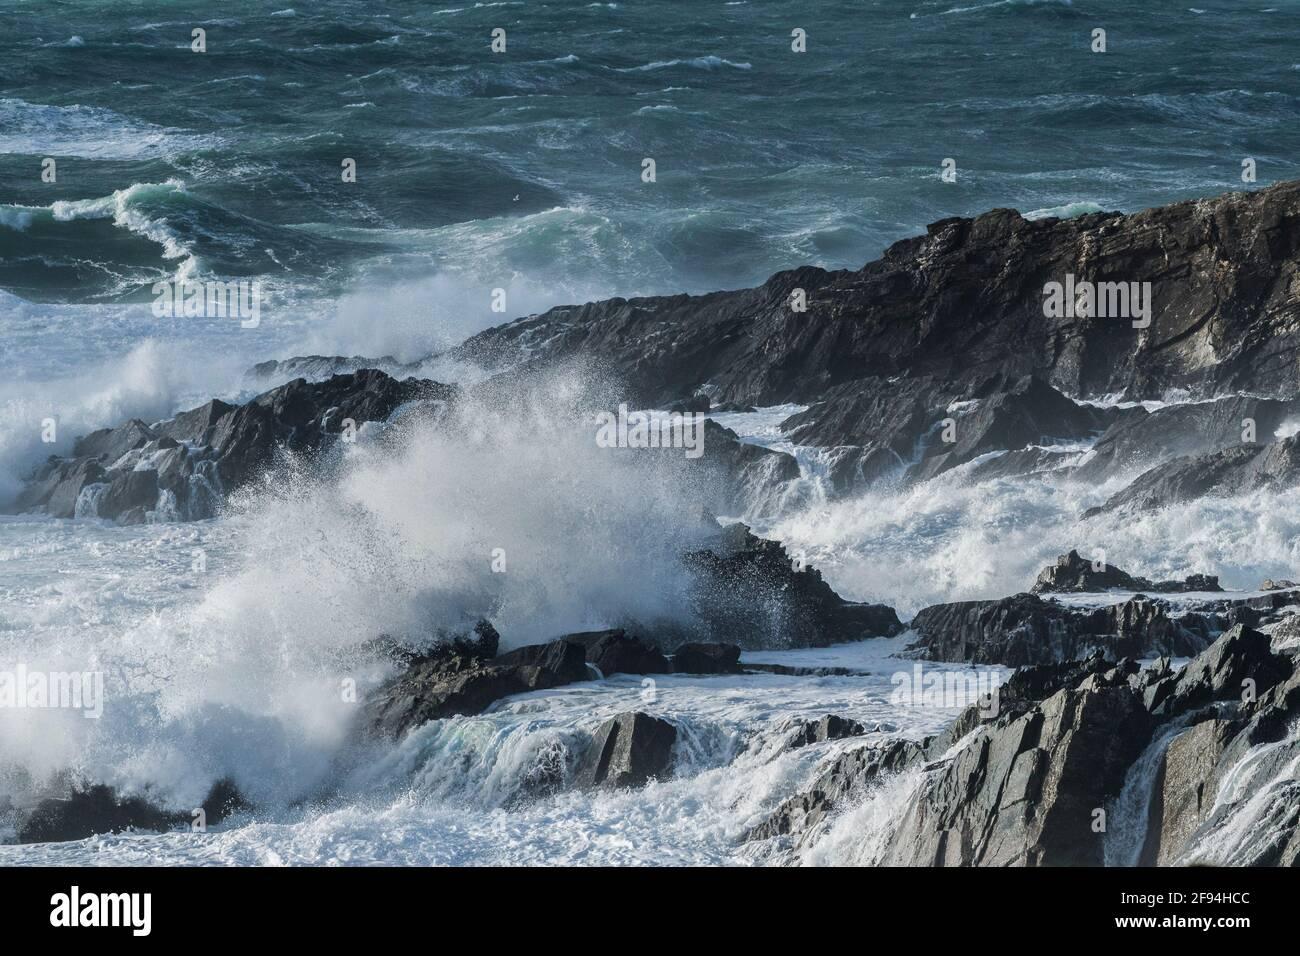 Onde che si infrangono sulle Cribbar Rocks sulla costa di Towan Head a Newquay in Cornovaglia. Foto Stock